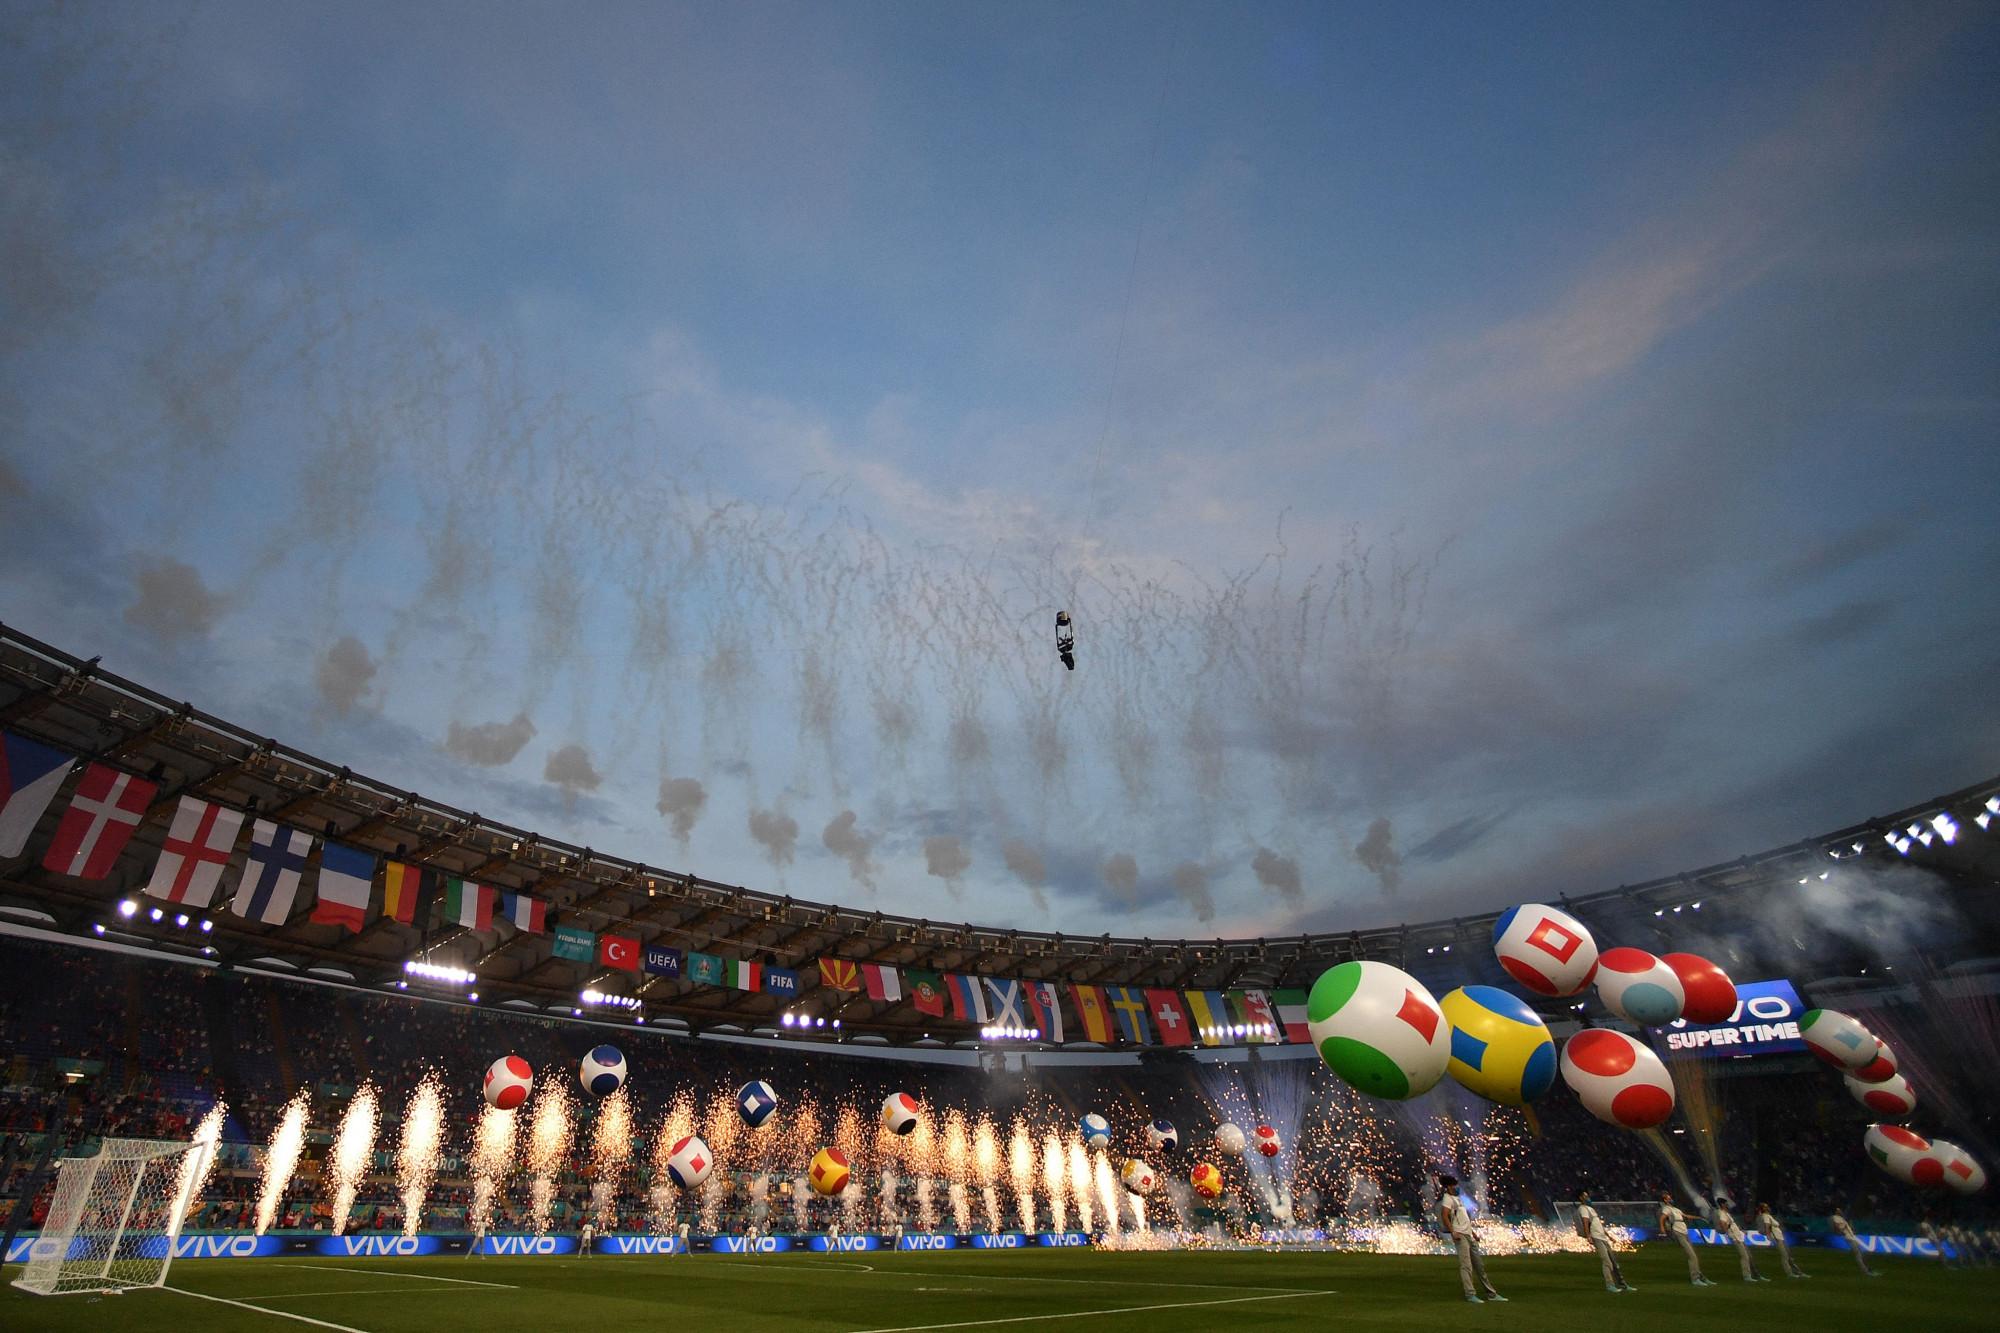 Euro 2020 sẽ diễn ra trong 31 ngày, từ ngày 12/6-12/7/2021, với sự tranh tài quyết liệt của 24 đội bóng trong 51 trận đấu, hứa hẹn sẽ mang đến bầu không khí sôi động cho người hâm mộ môn túc cầu.